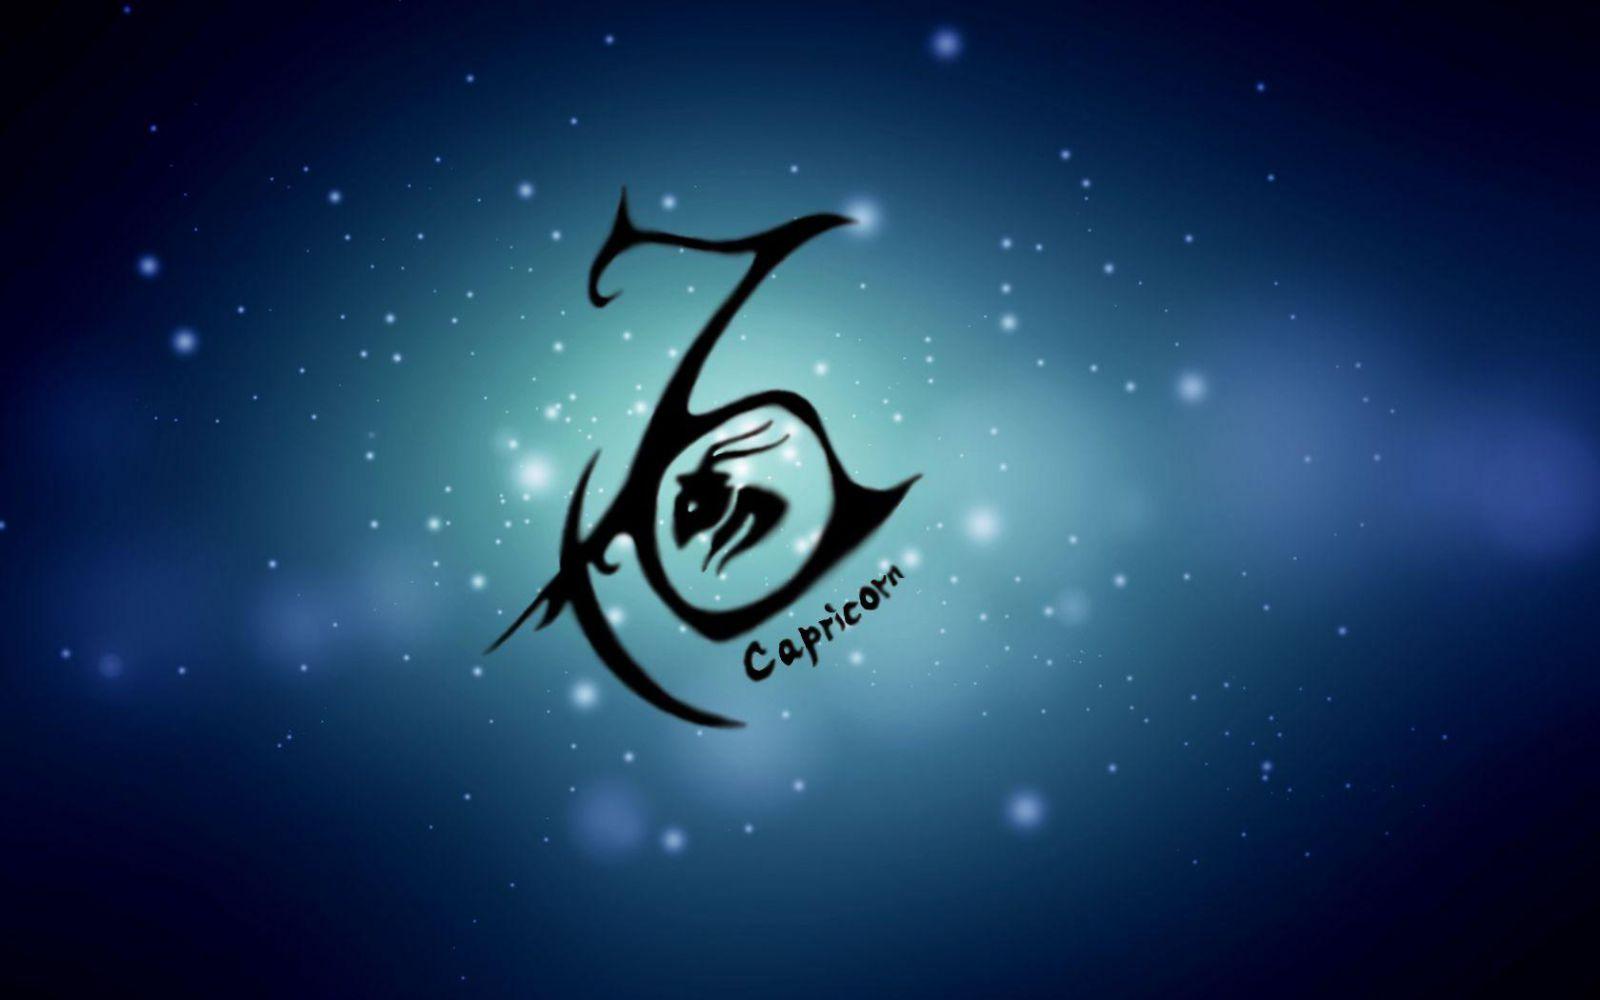 Tình yêu cung Ma Kết: Chòm sao Ma Kết là ai trong chuyện lứa đôi?